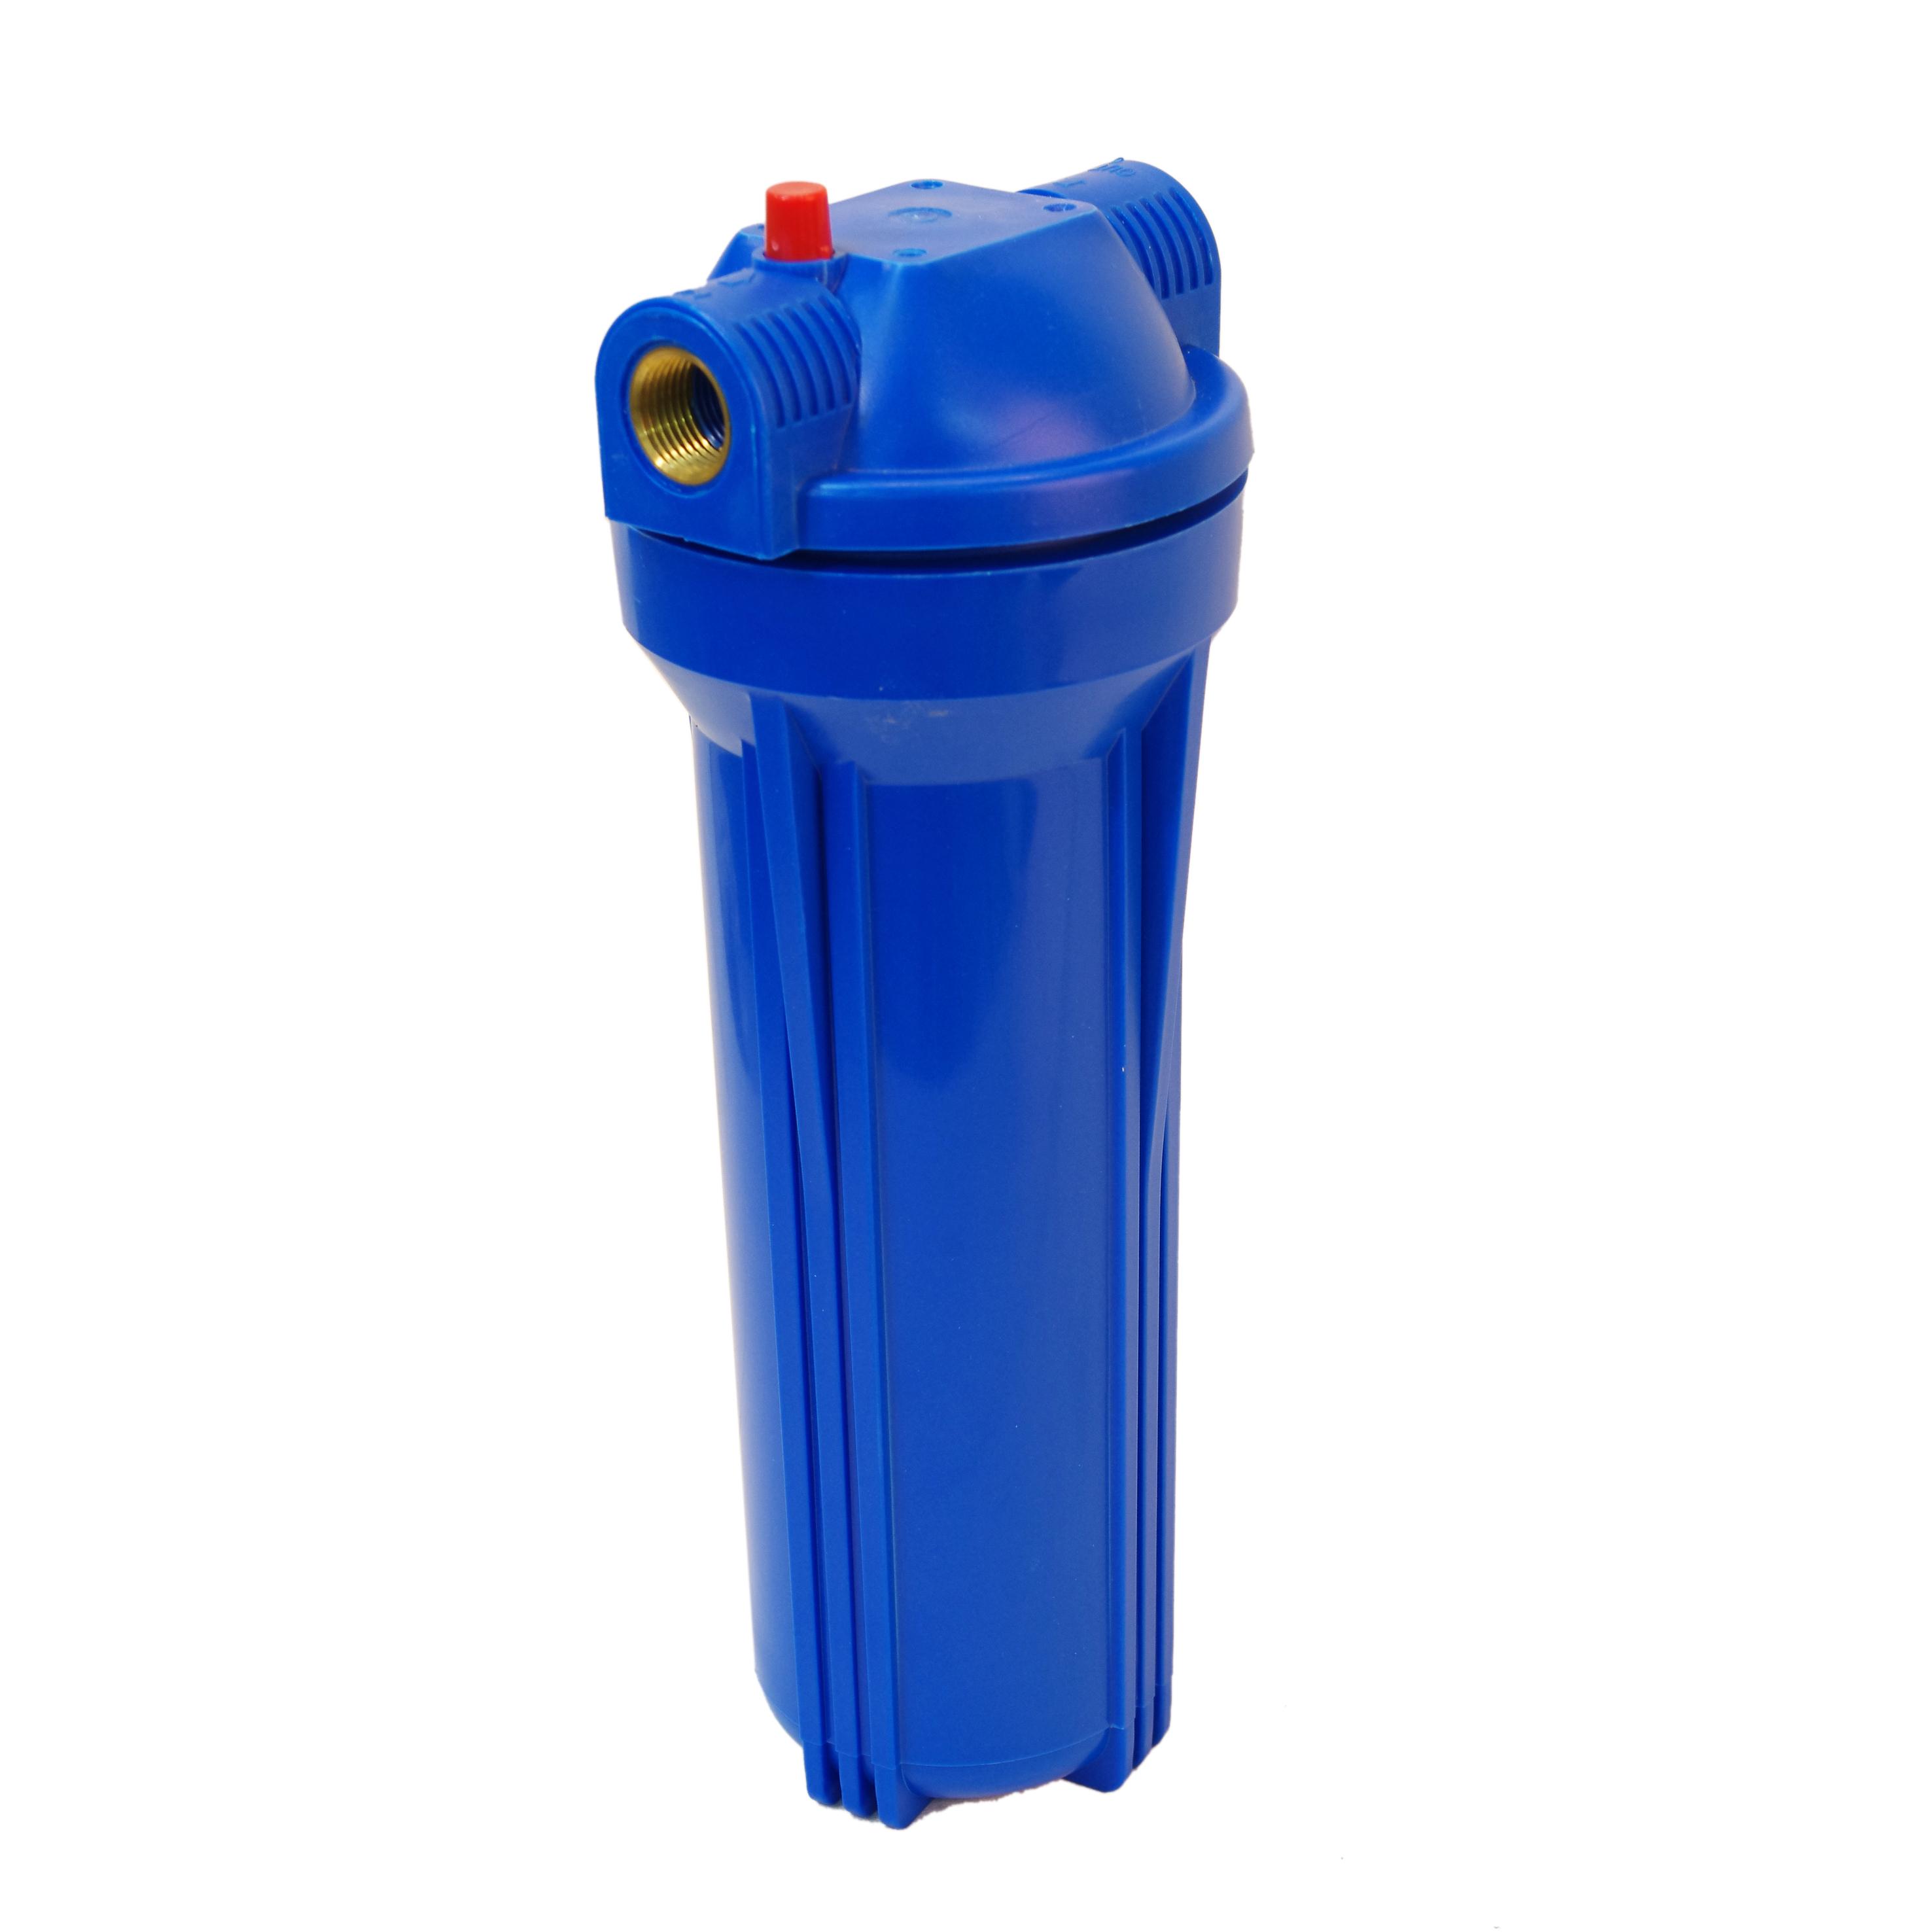 фильтр для горячей воды купить